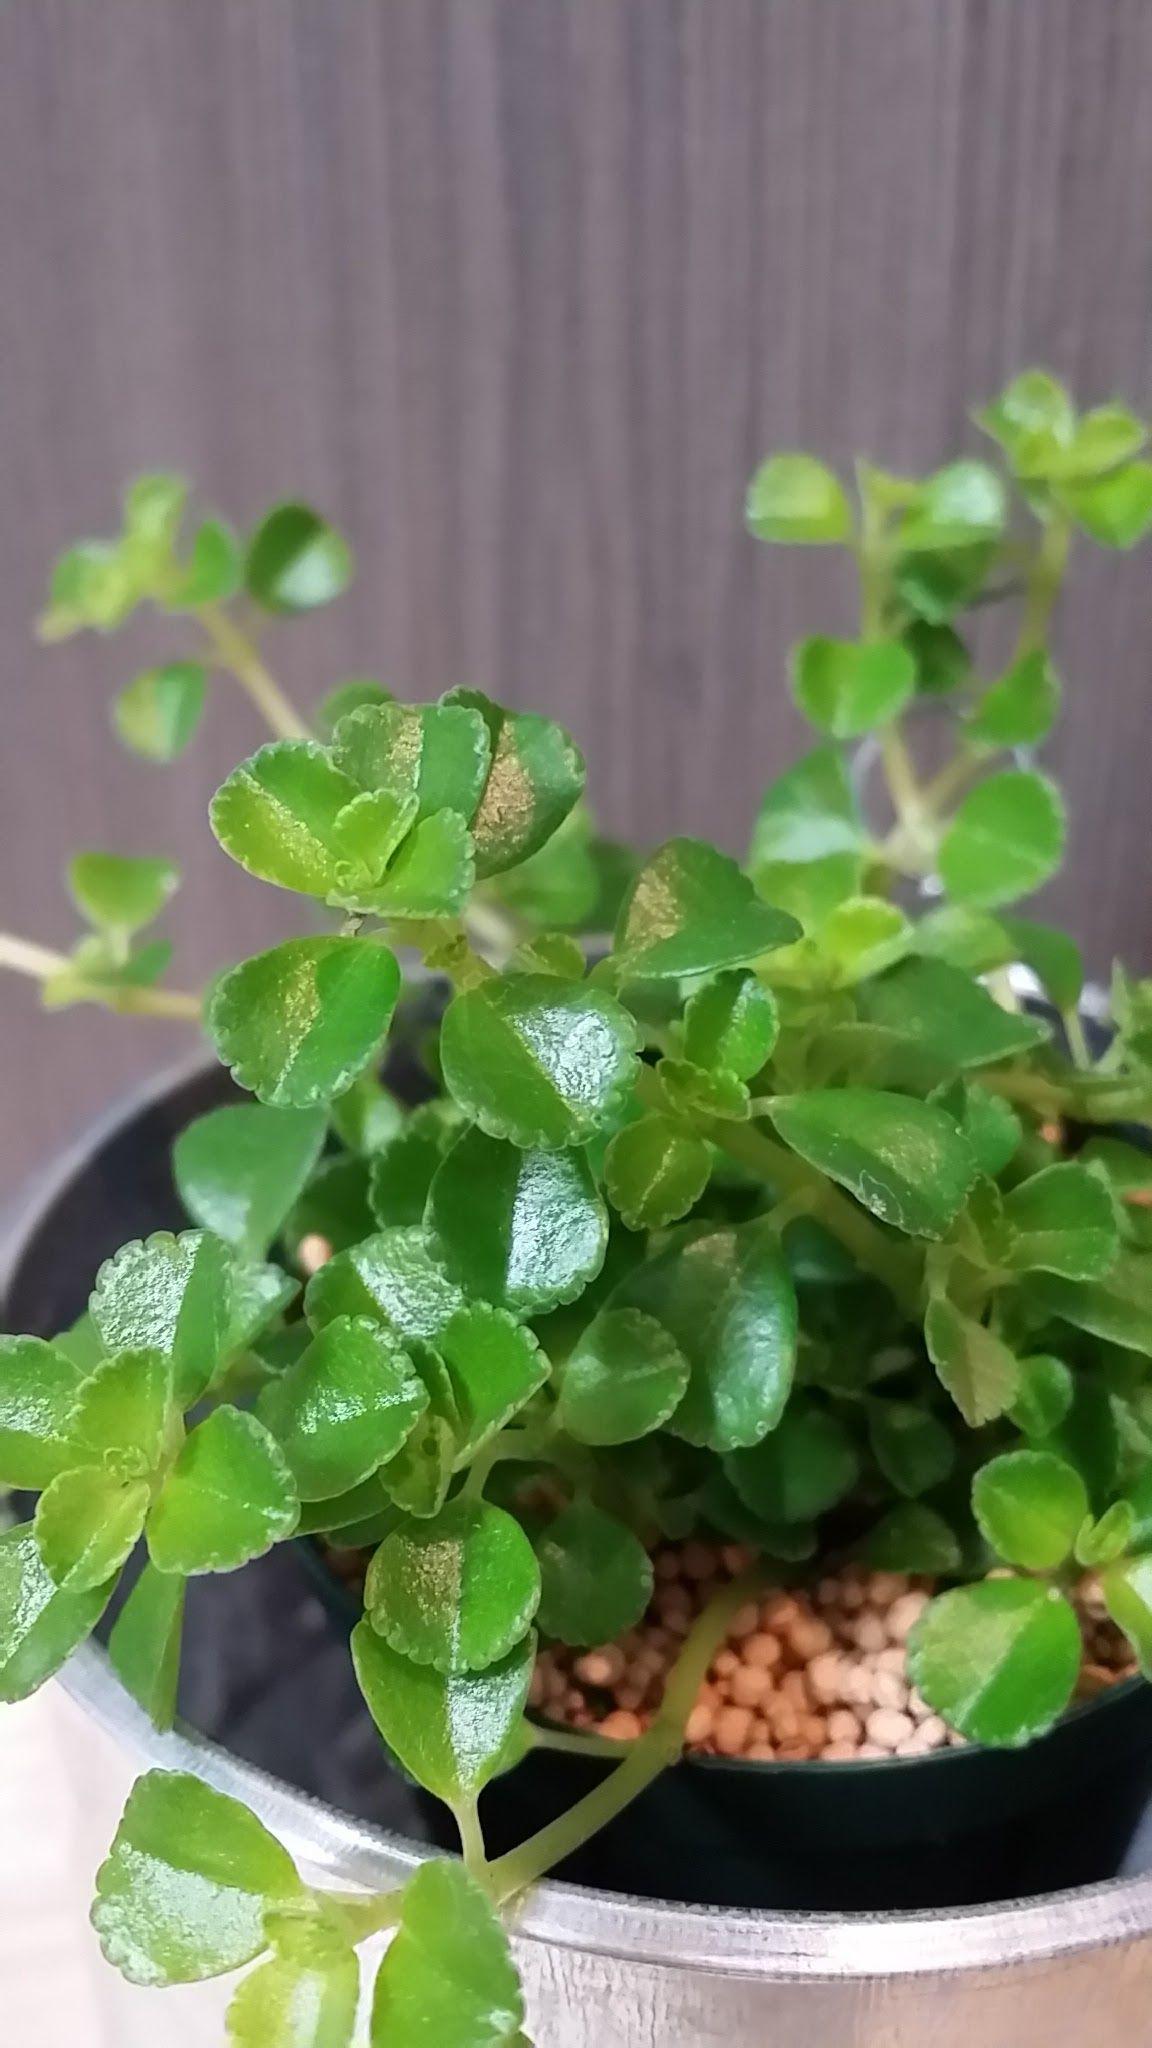 小さな葉っぱで可愛らしい印象の 「ピレア ディプレッサ」が届きました。